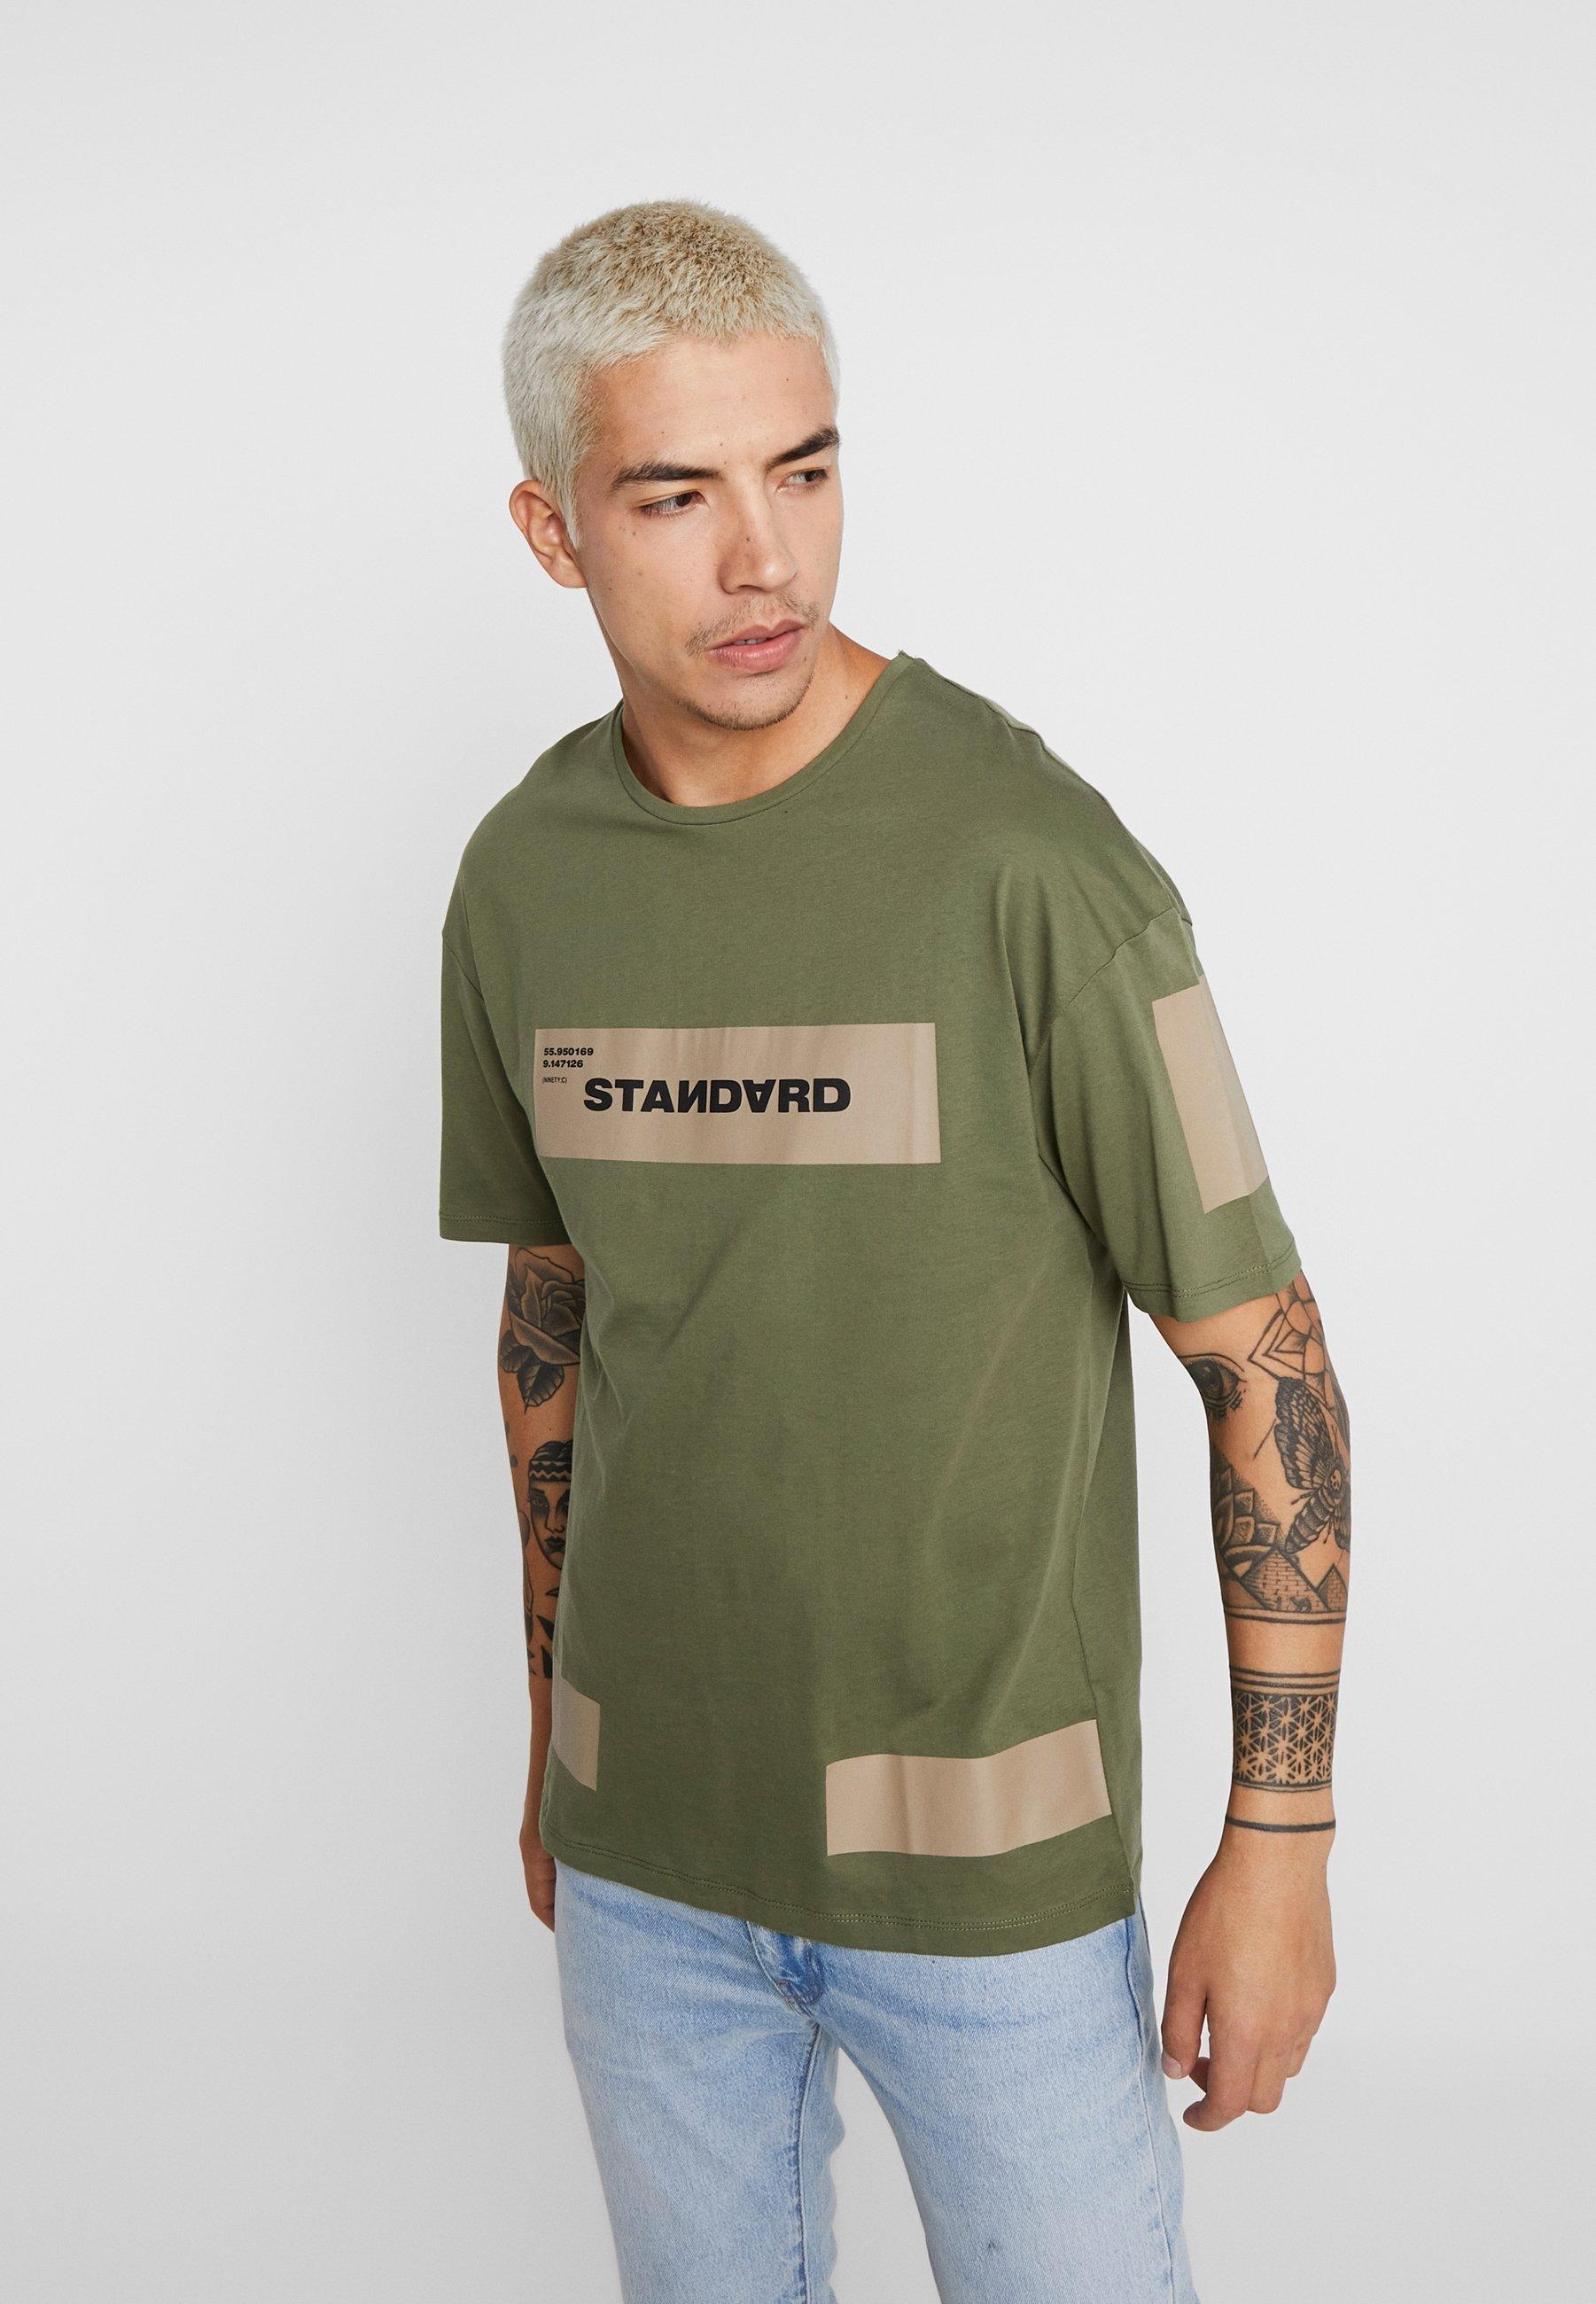 NeckT Jackamp; Imprimé shirt Winter Jcomono Crew Jones Tee Moss BodxrCe